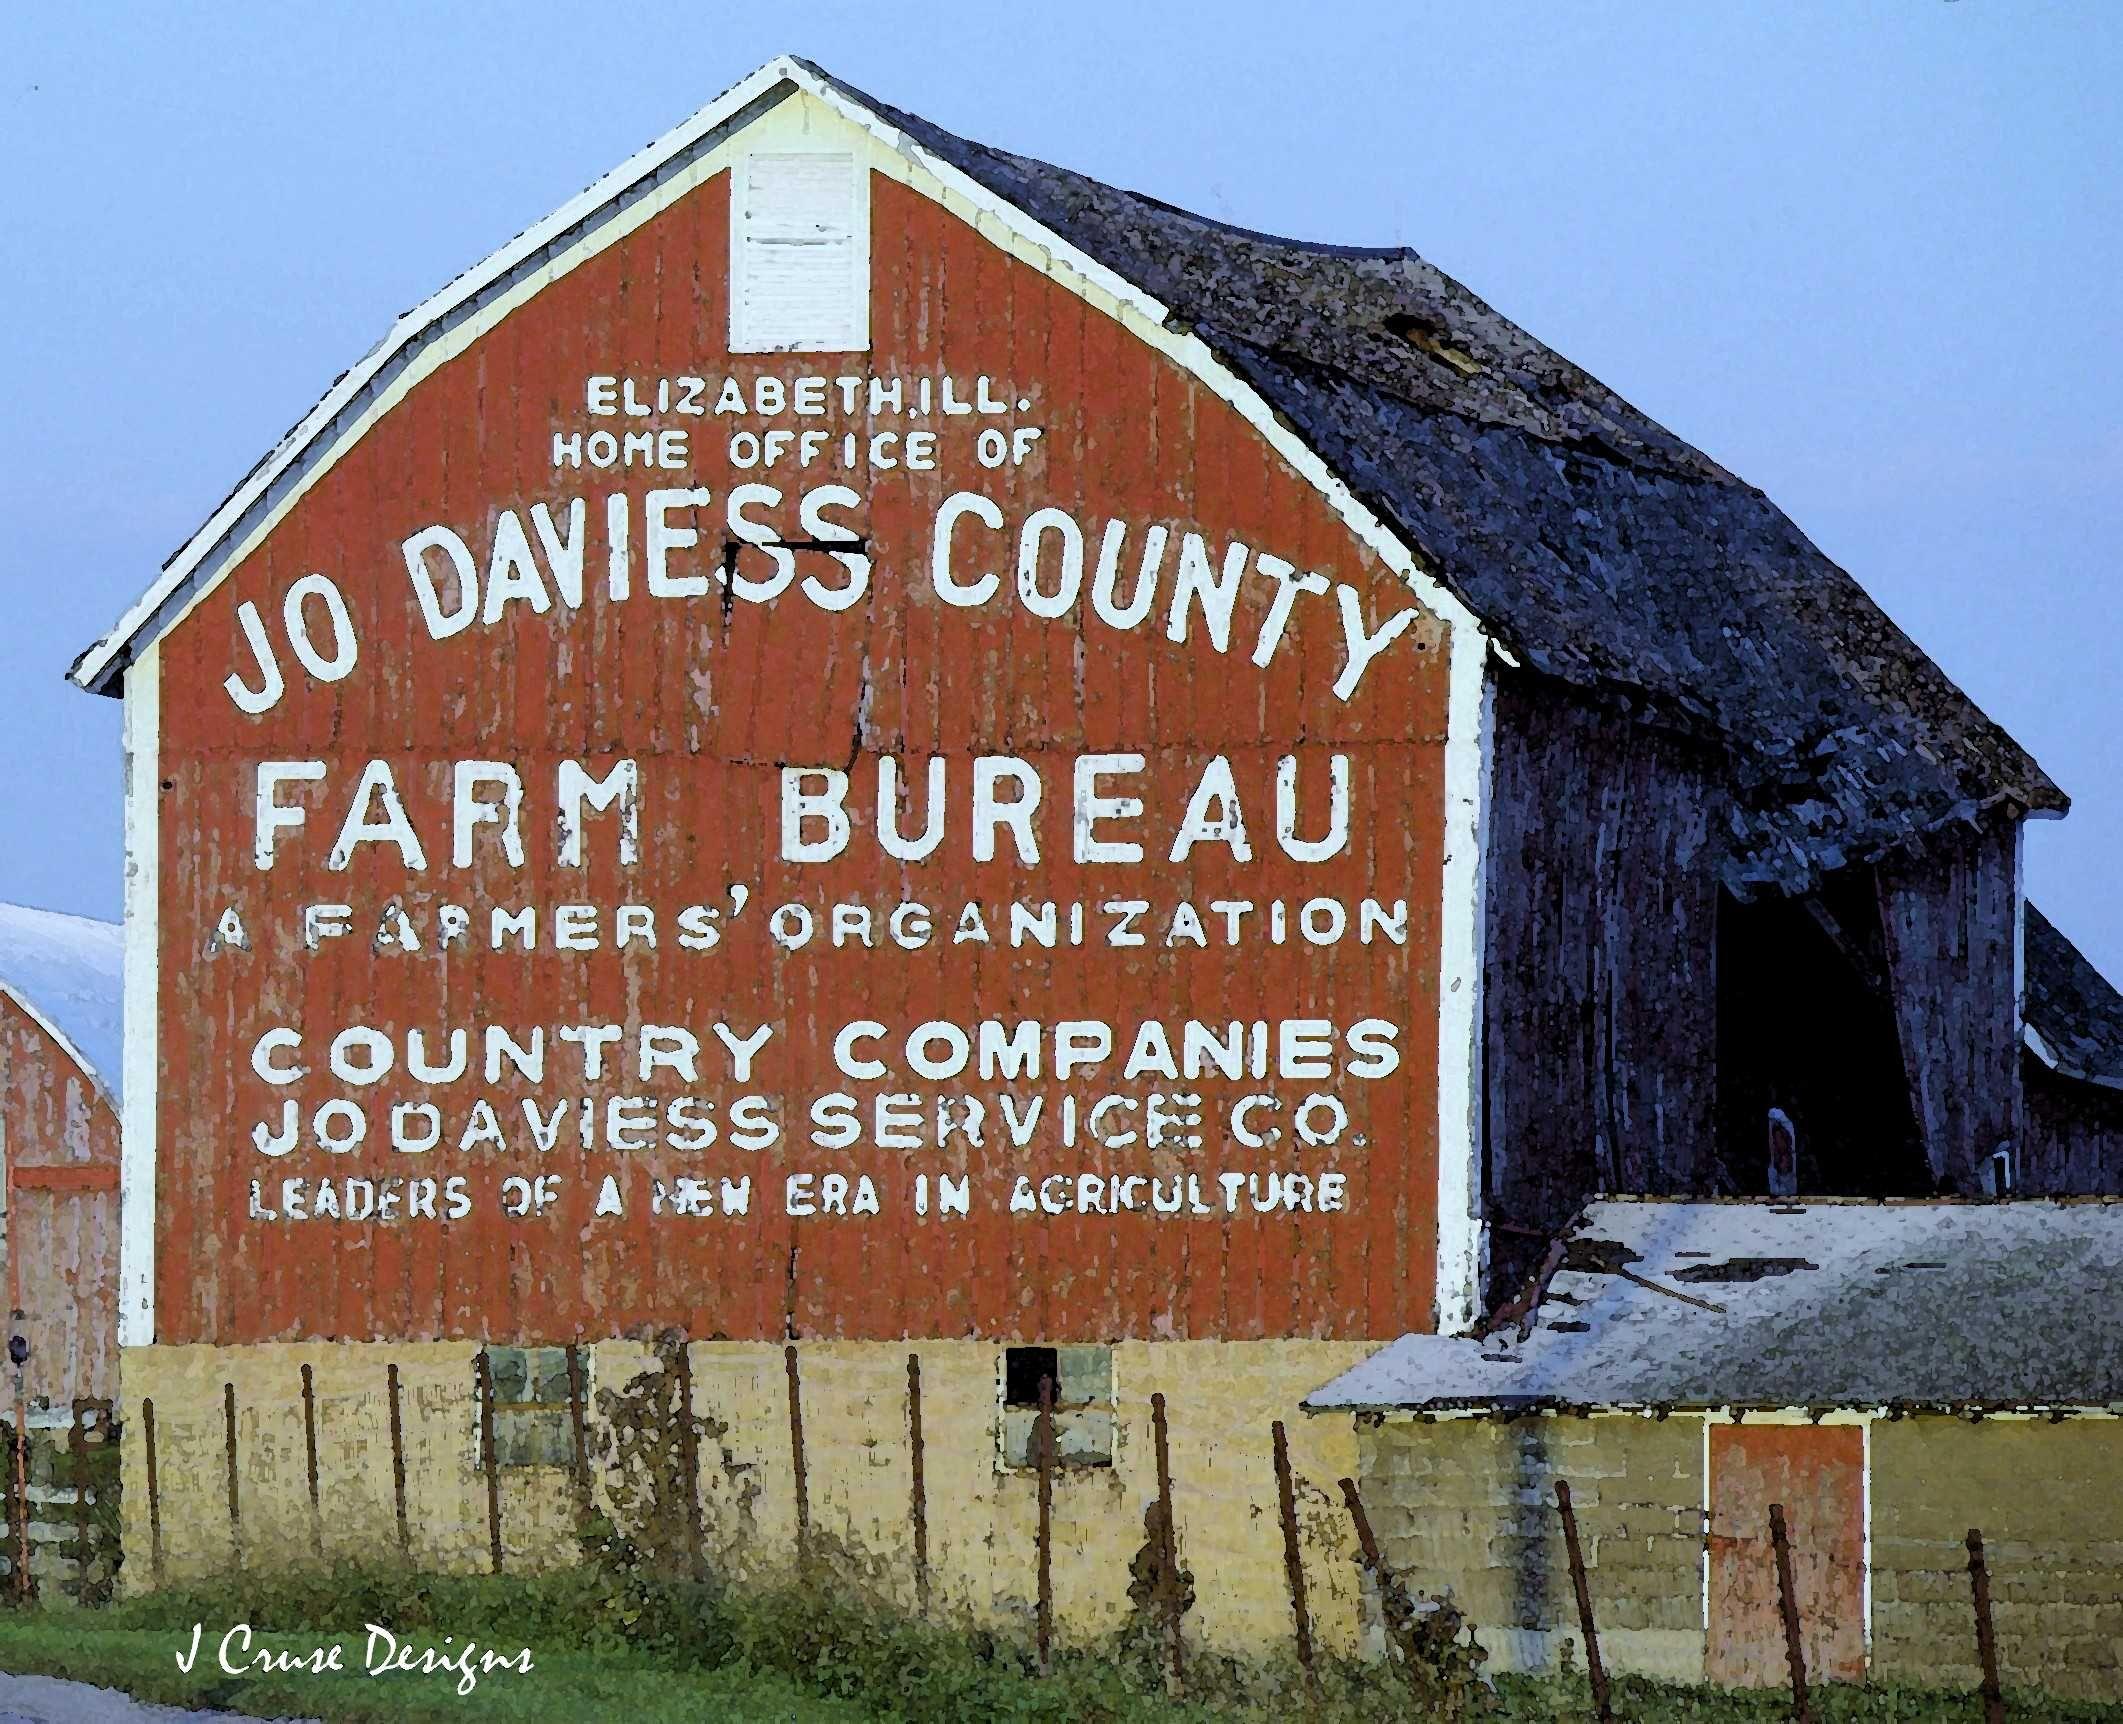 Jo Daviess County Farm Bureau Barn Elizabeth Il By J Cruse